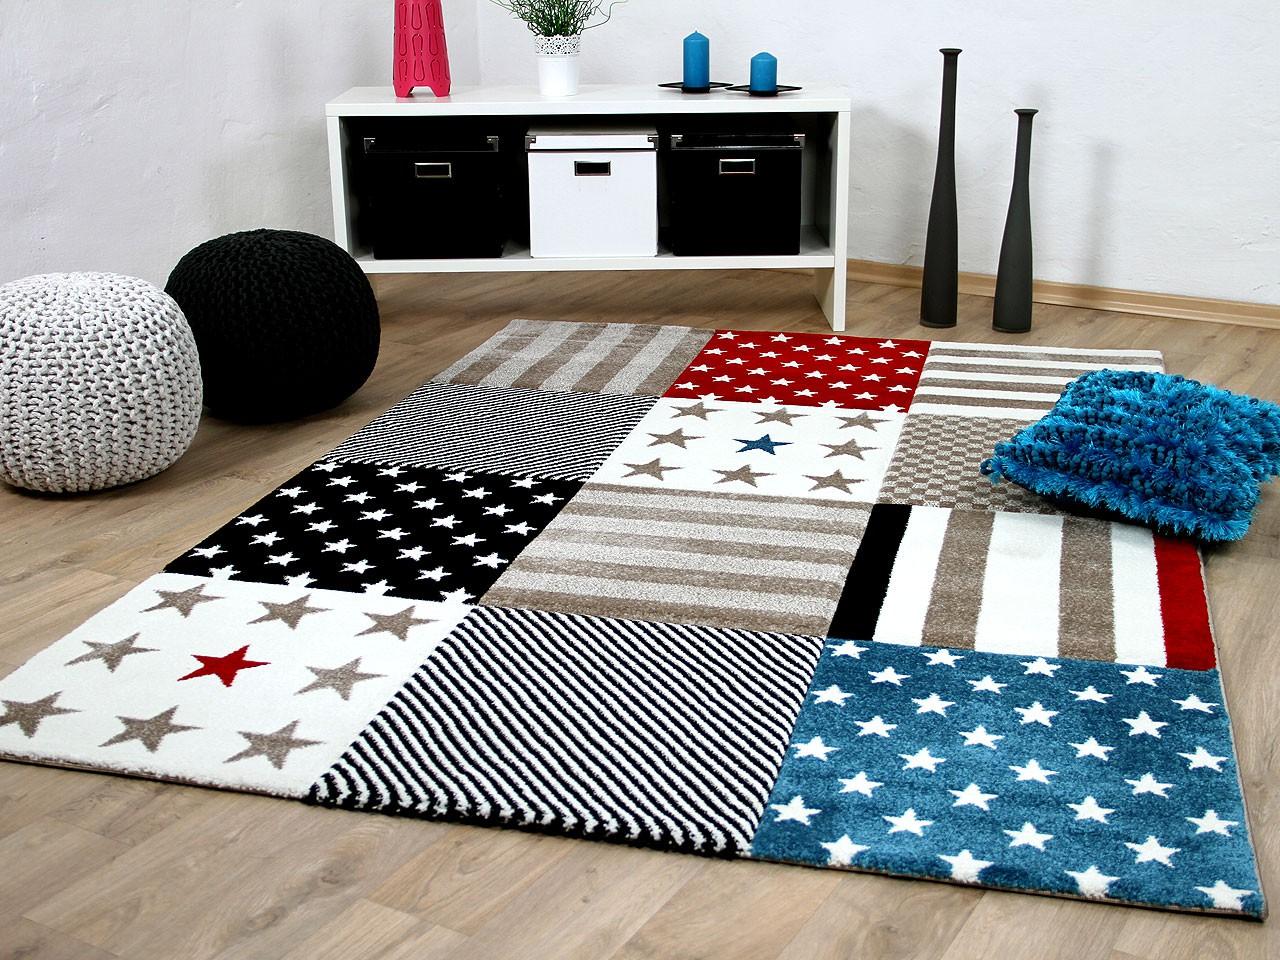 Teppich Kinderzimmer Streifen   Teppich Kinderzimmer Pflegeleicht ...